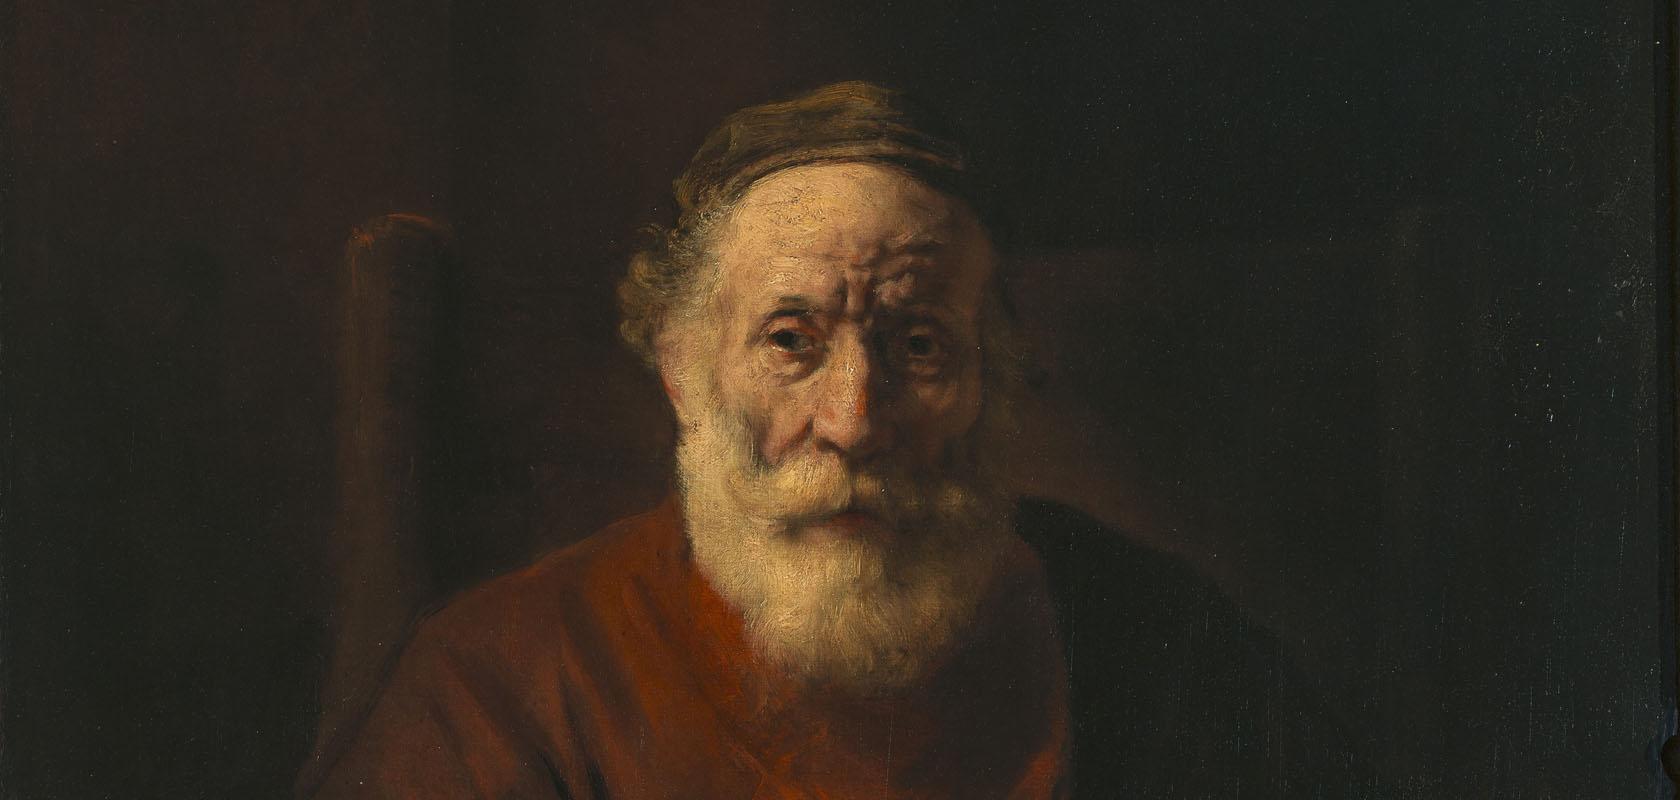 Rembrandt-van-Rijn-Portret-van-een-oude-man-in-het-rood-State-Hermitage-Museum-St-Petersburg